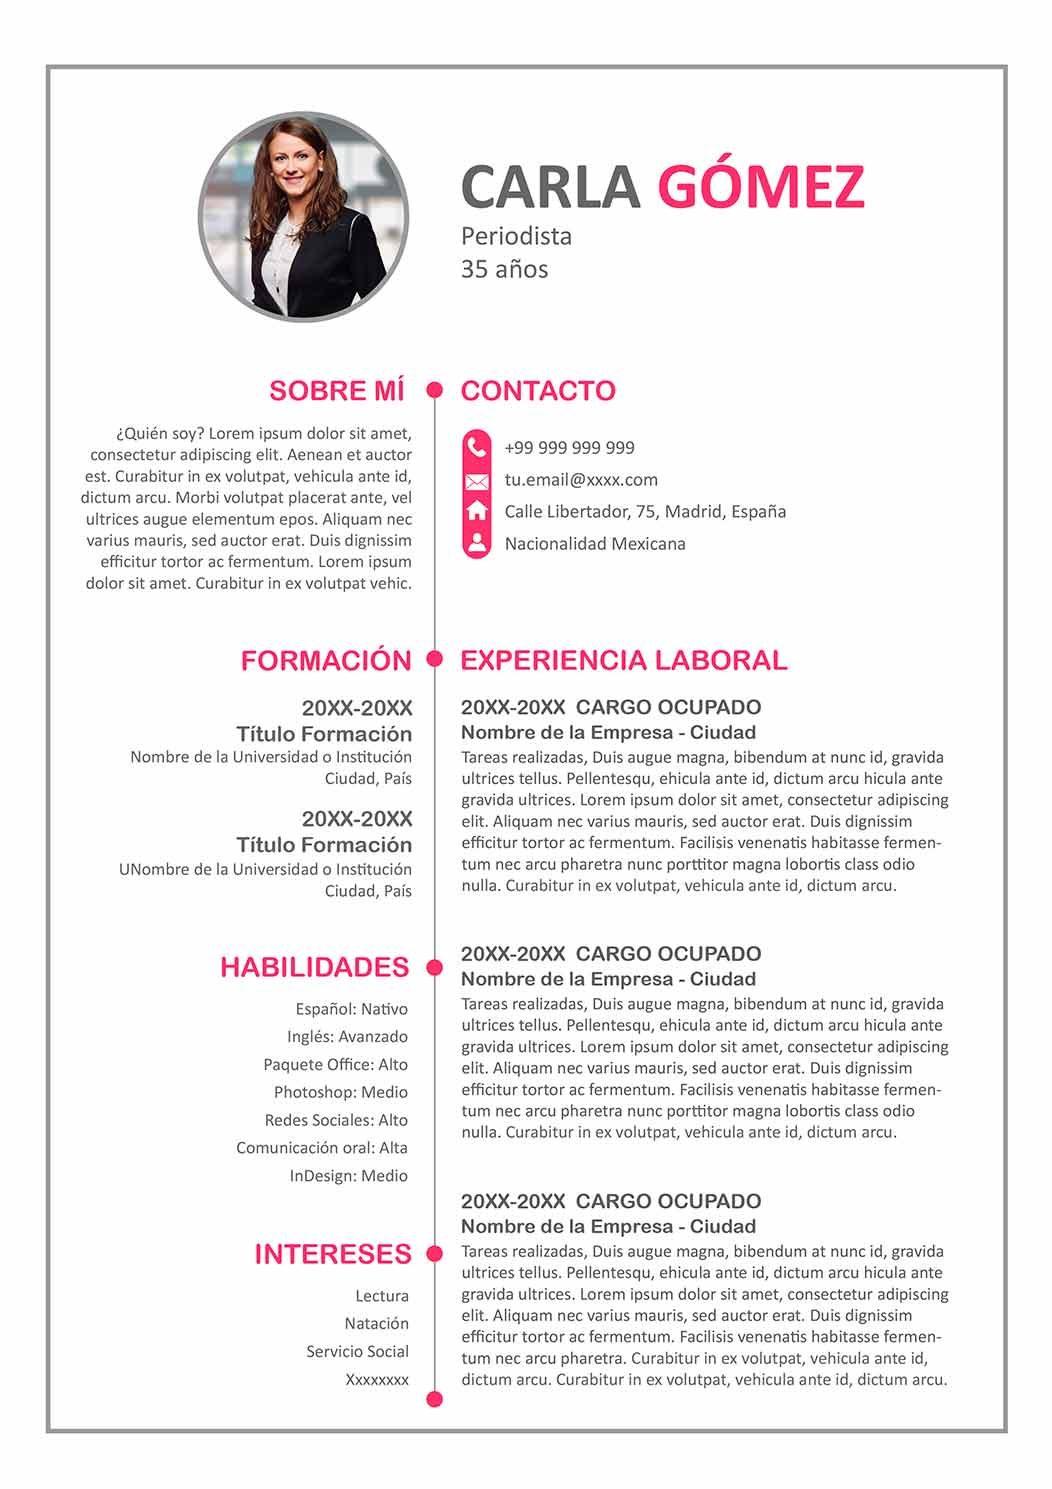 plantilla-curriculum-vitae-cv-secreto-3